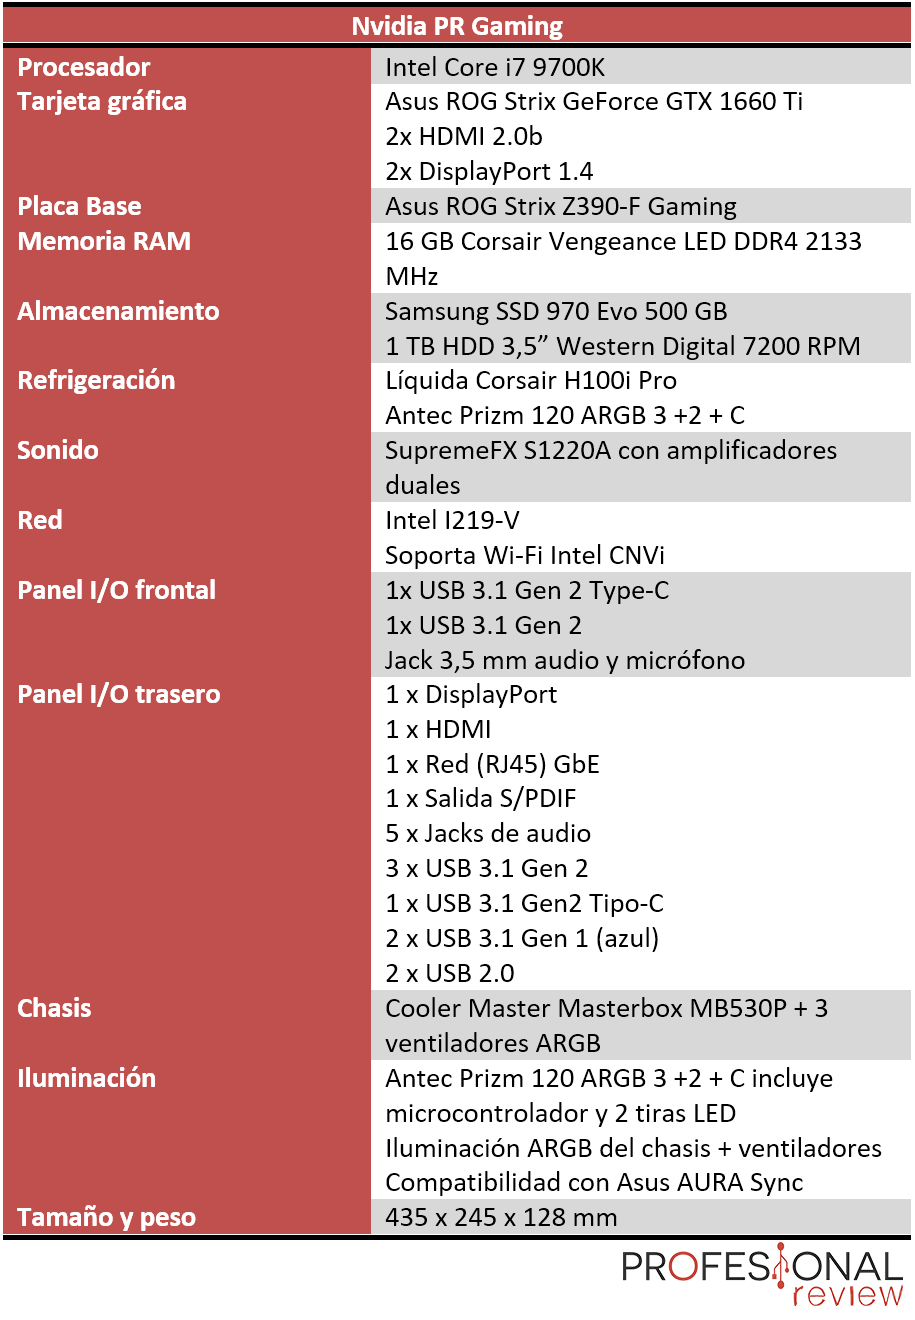 Nvidia PC gaming recomendado caracteristicas